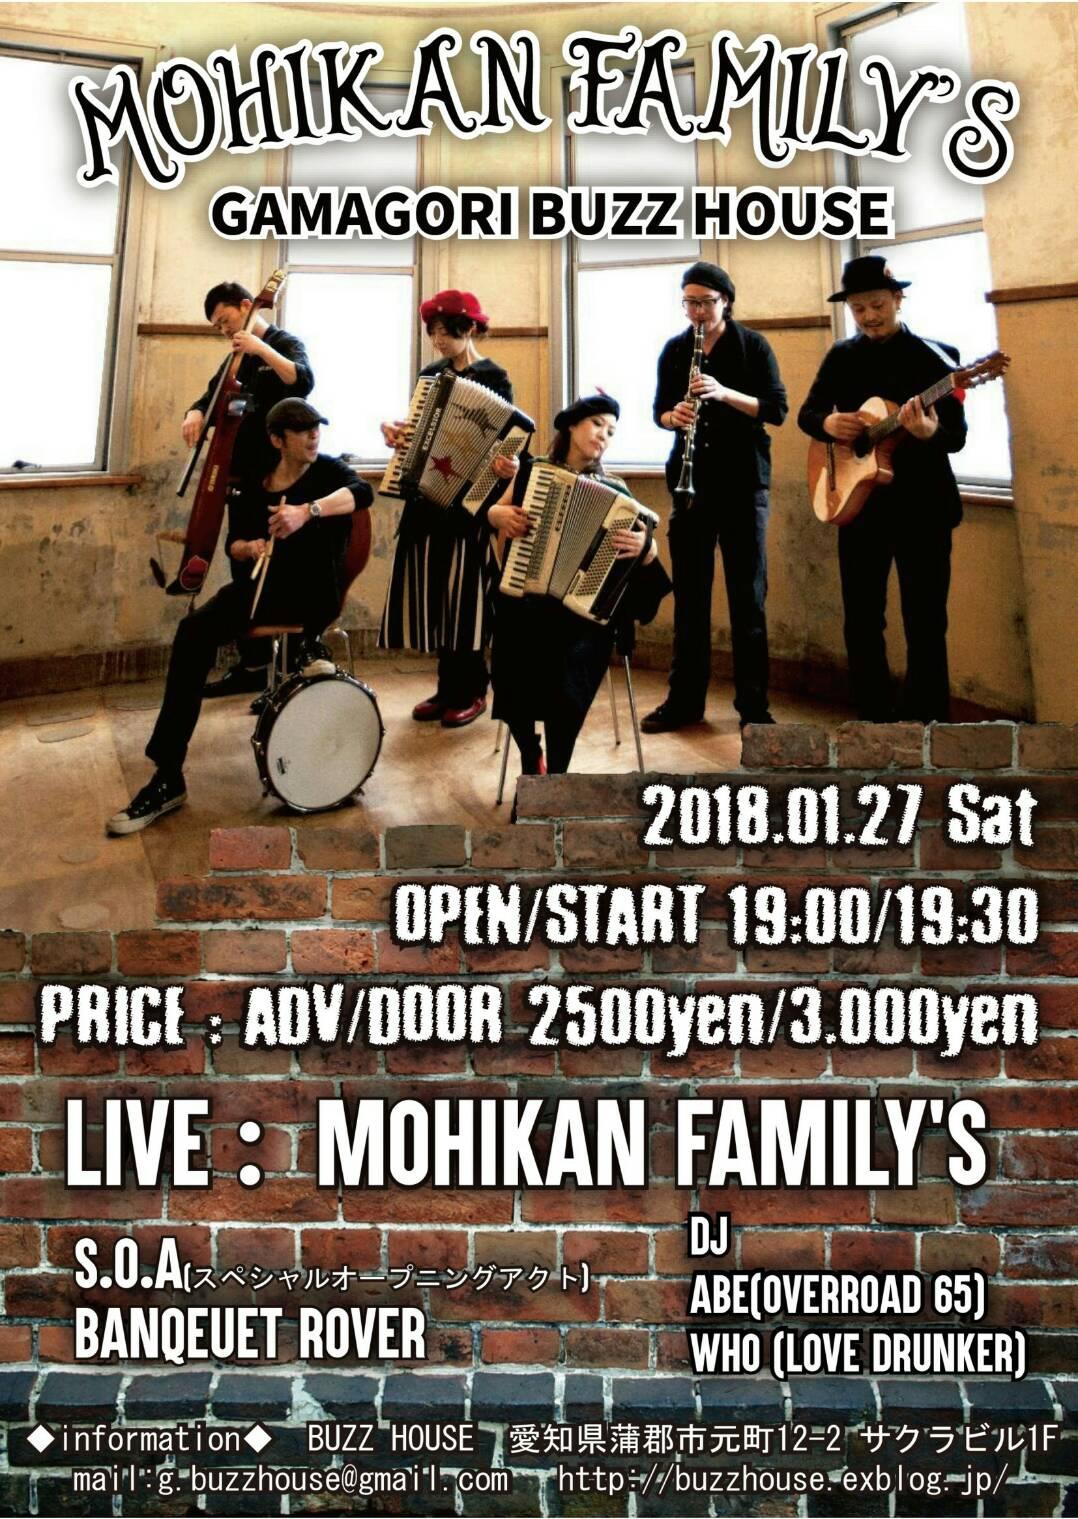 MOHIKAN FAMILY'S | オフィシャルブログ | 2018年最初のライブは蒲郡 BUZZ HOUSEでのイベント!